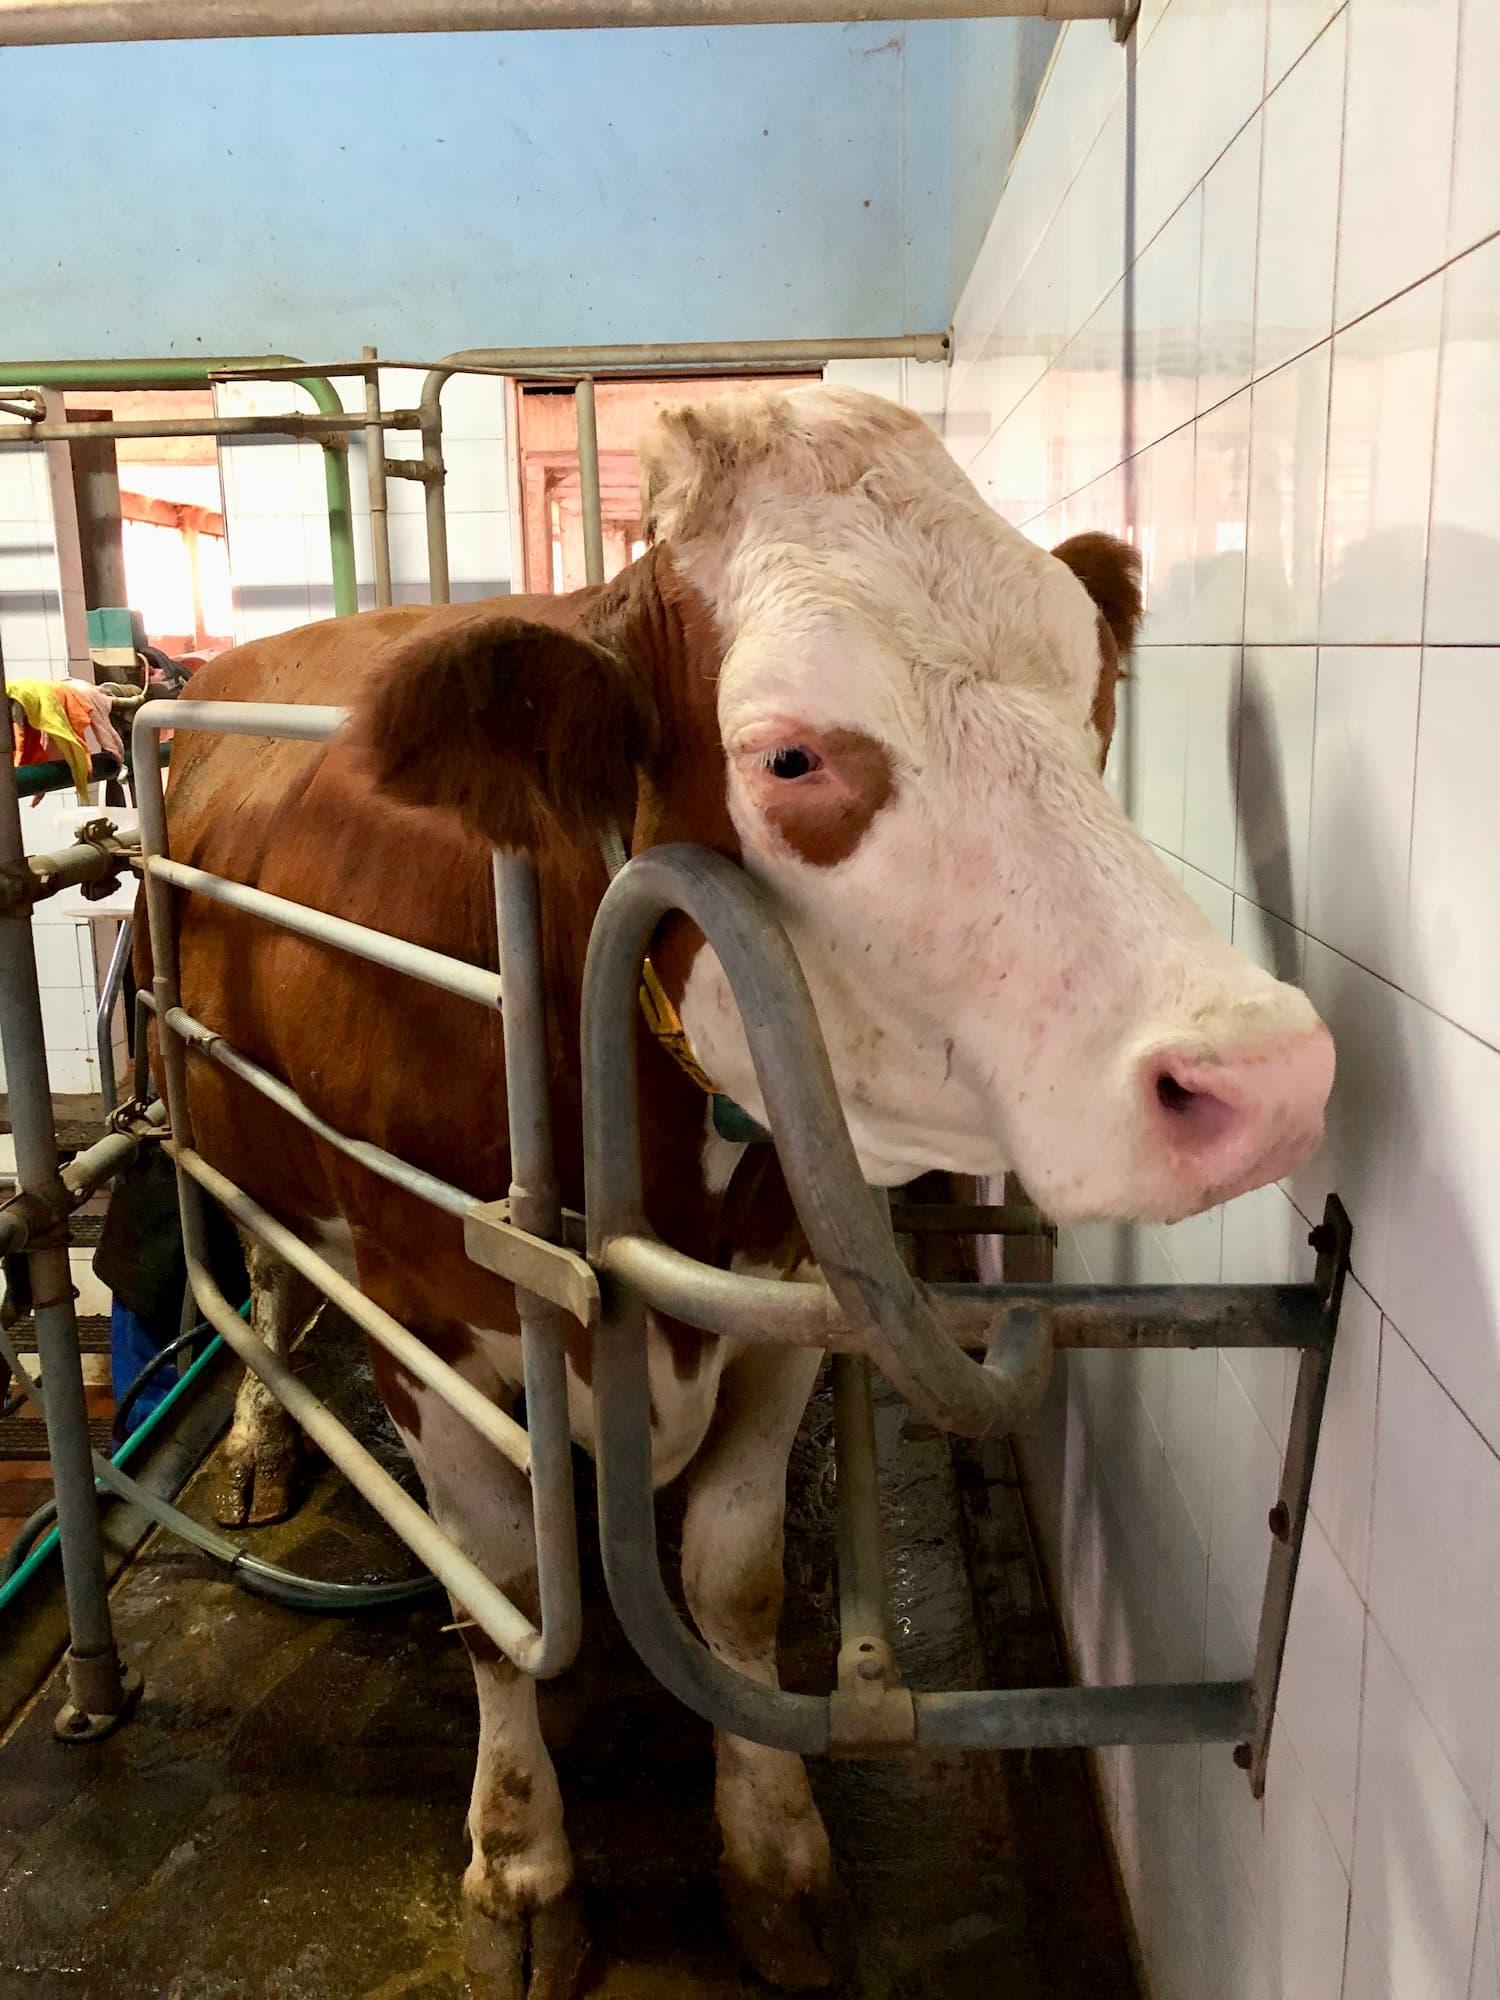 順番に搾乳室で搾乳される牛